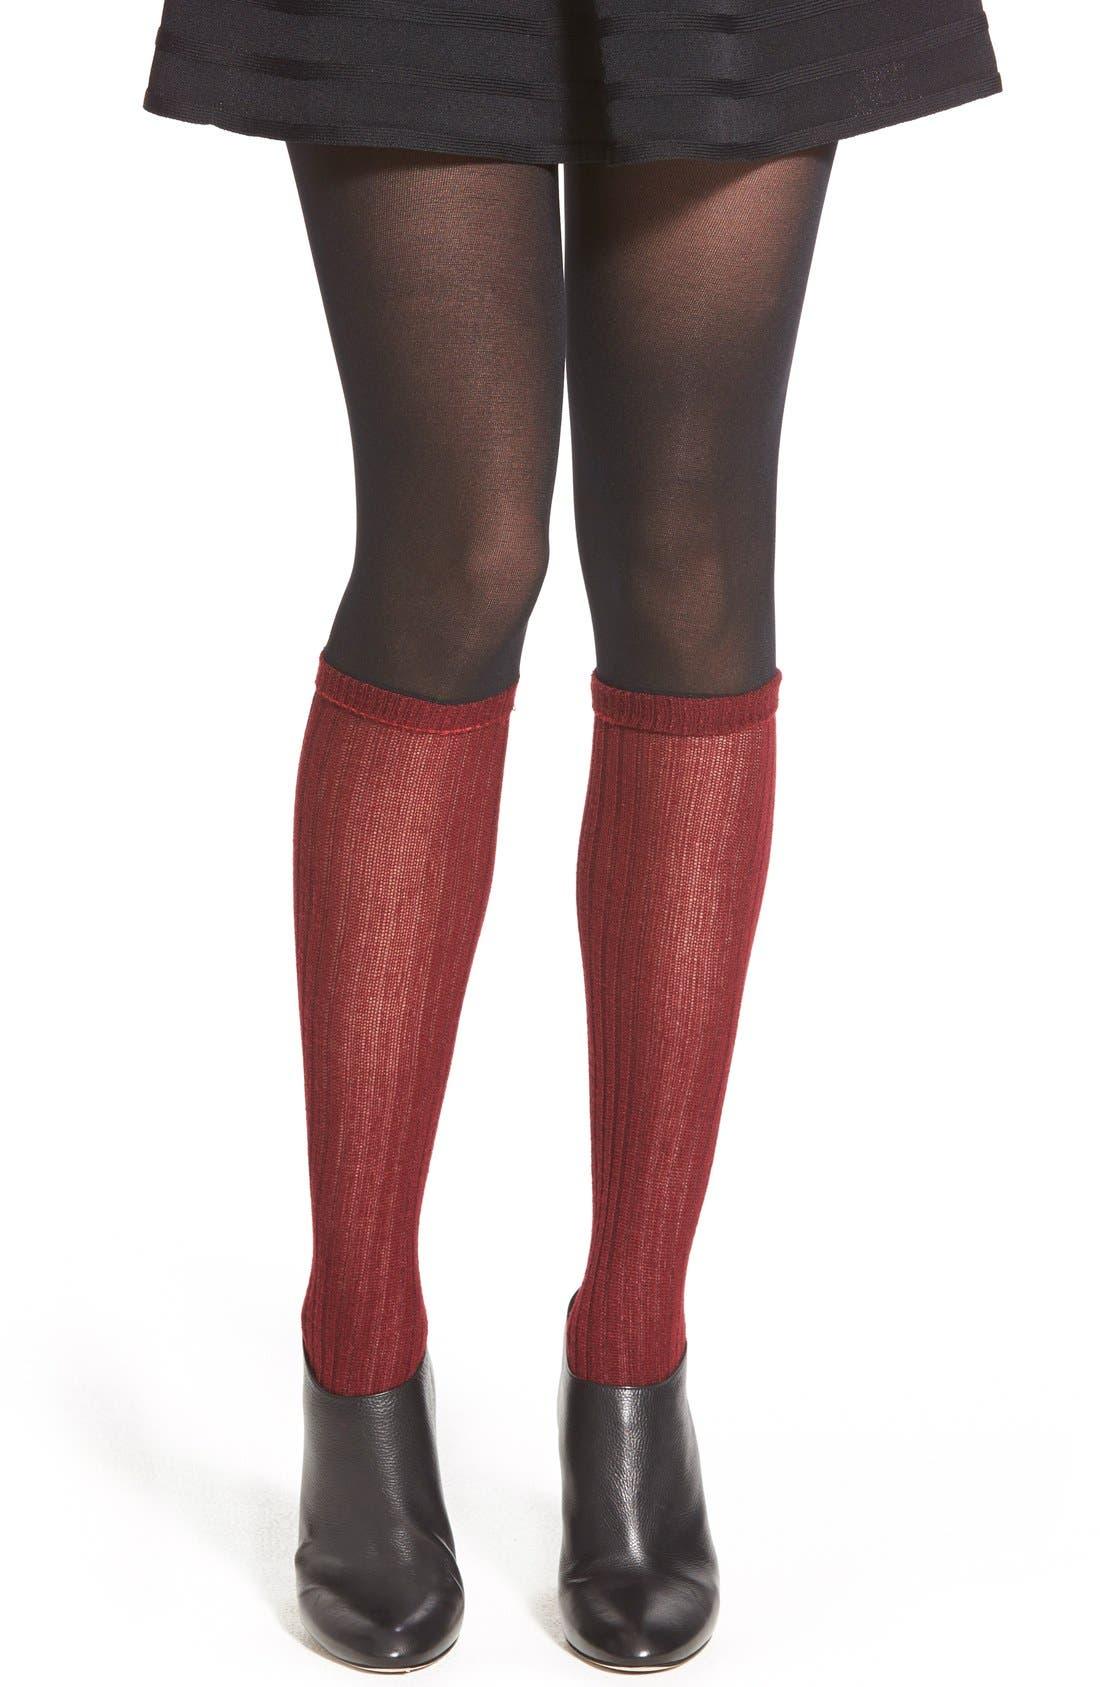 Alternate Image 1 Selected - kensie Layered Socks & Tights